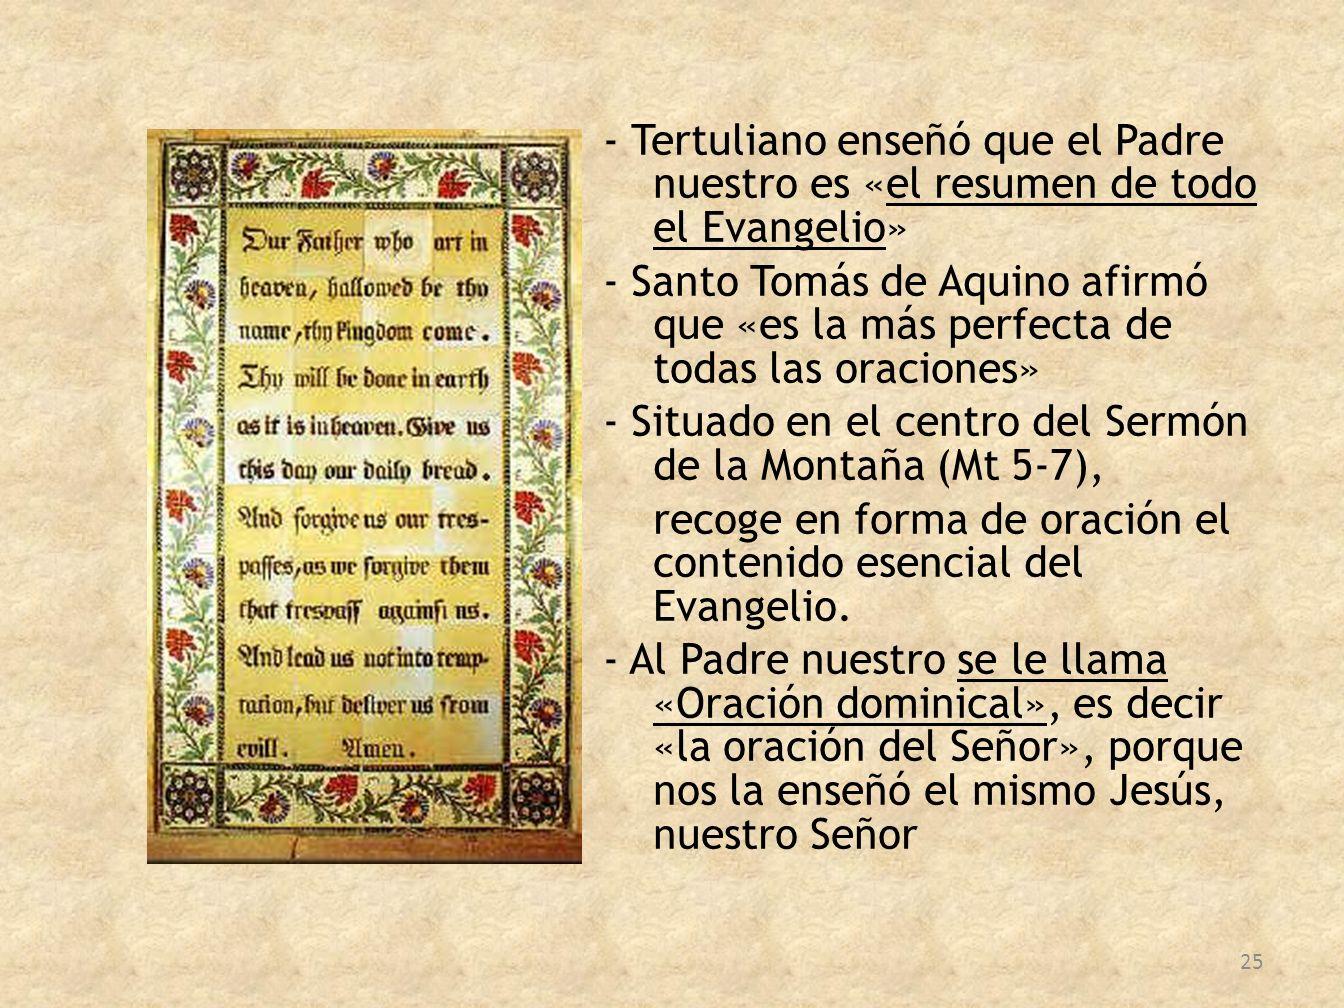 - Tertuliano enseñó que el Padre nuestro es «el resumen de todo el Evangelio» - Santo Tomás de Aquino afirmó que «es la más perfecta de todas las orac